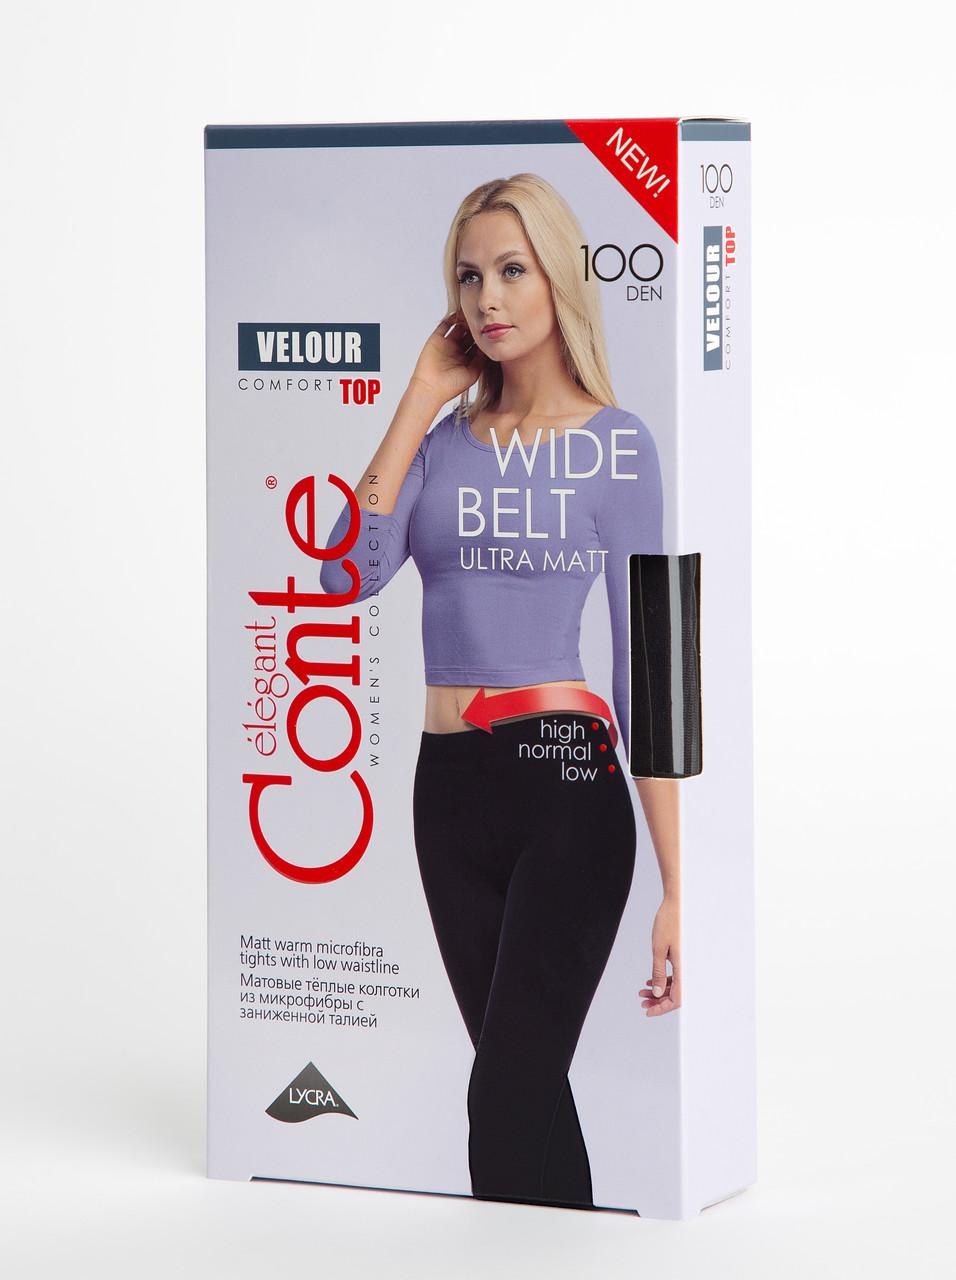 Жіночі матові теплі колготки Conte Velour top 100 lycra з широким заниженим поясом 100 den чорний